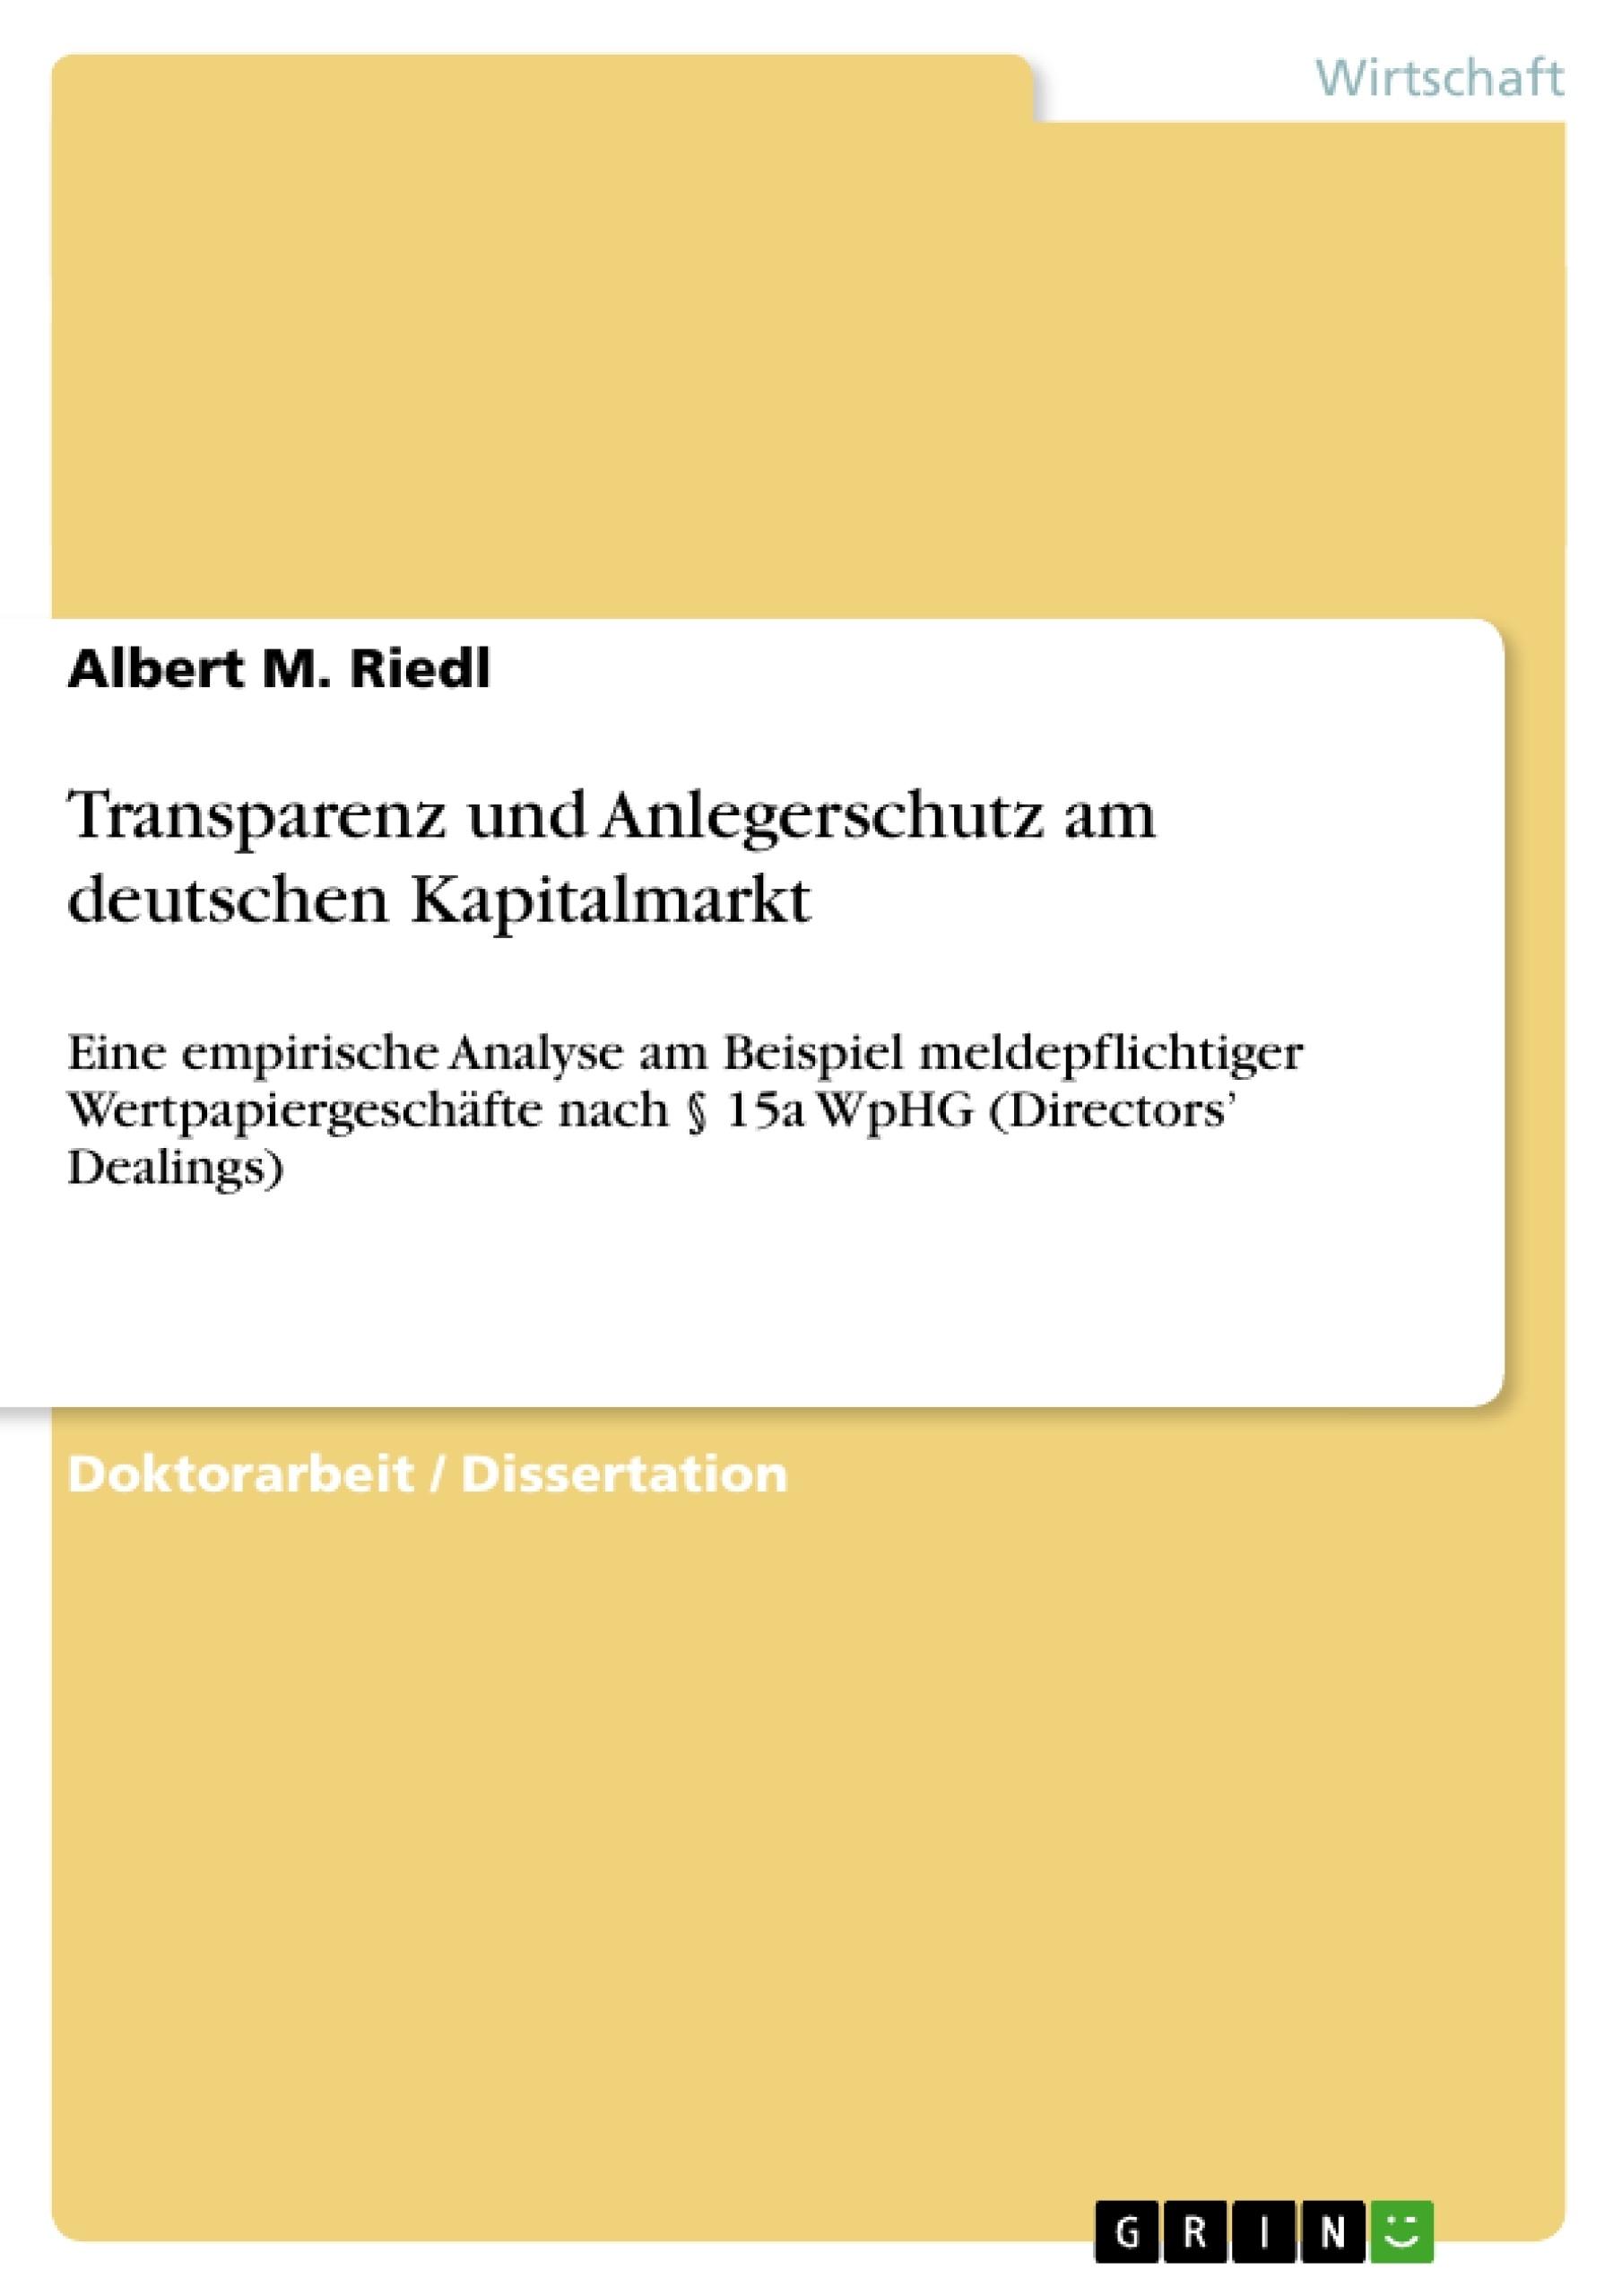 Titel: Transparenz und Anlegerschutz am deutschen Kapitalmarkt